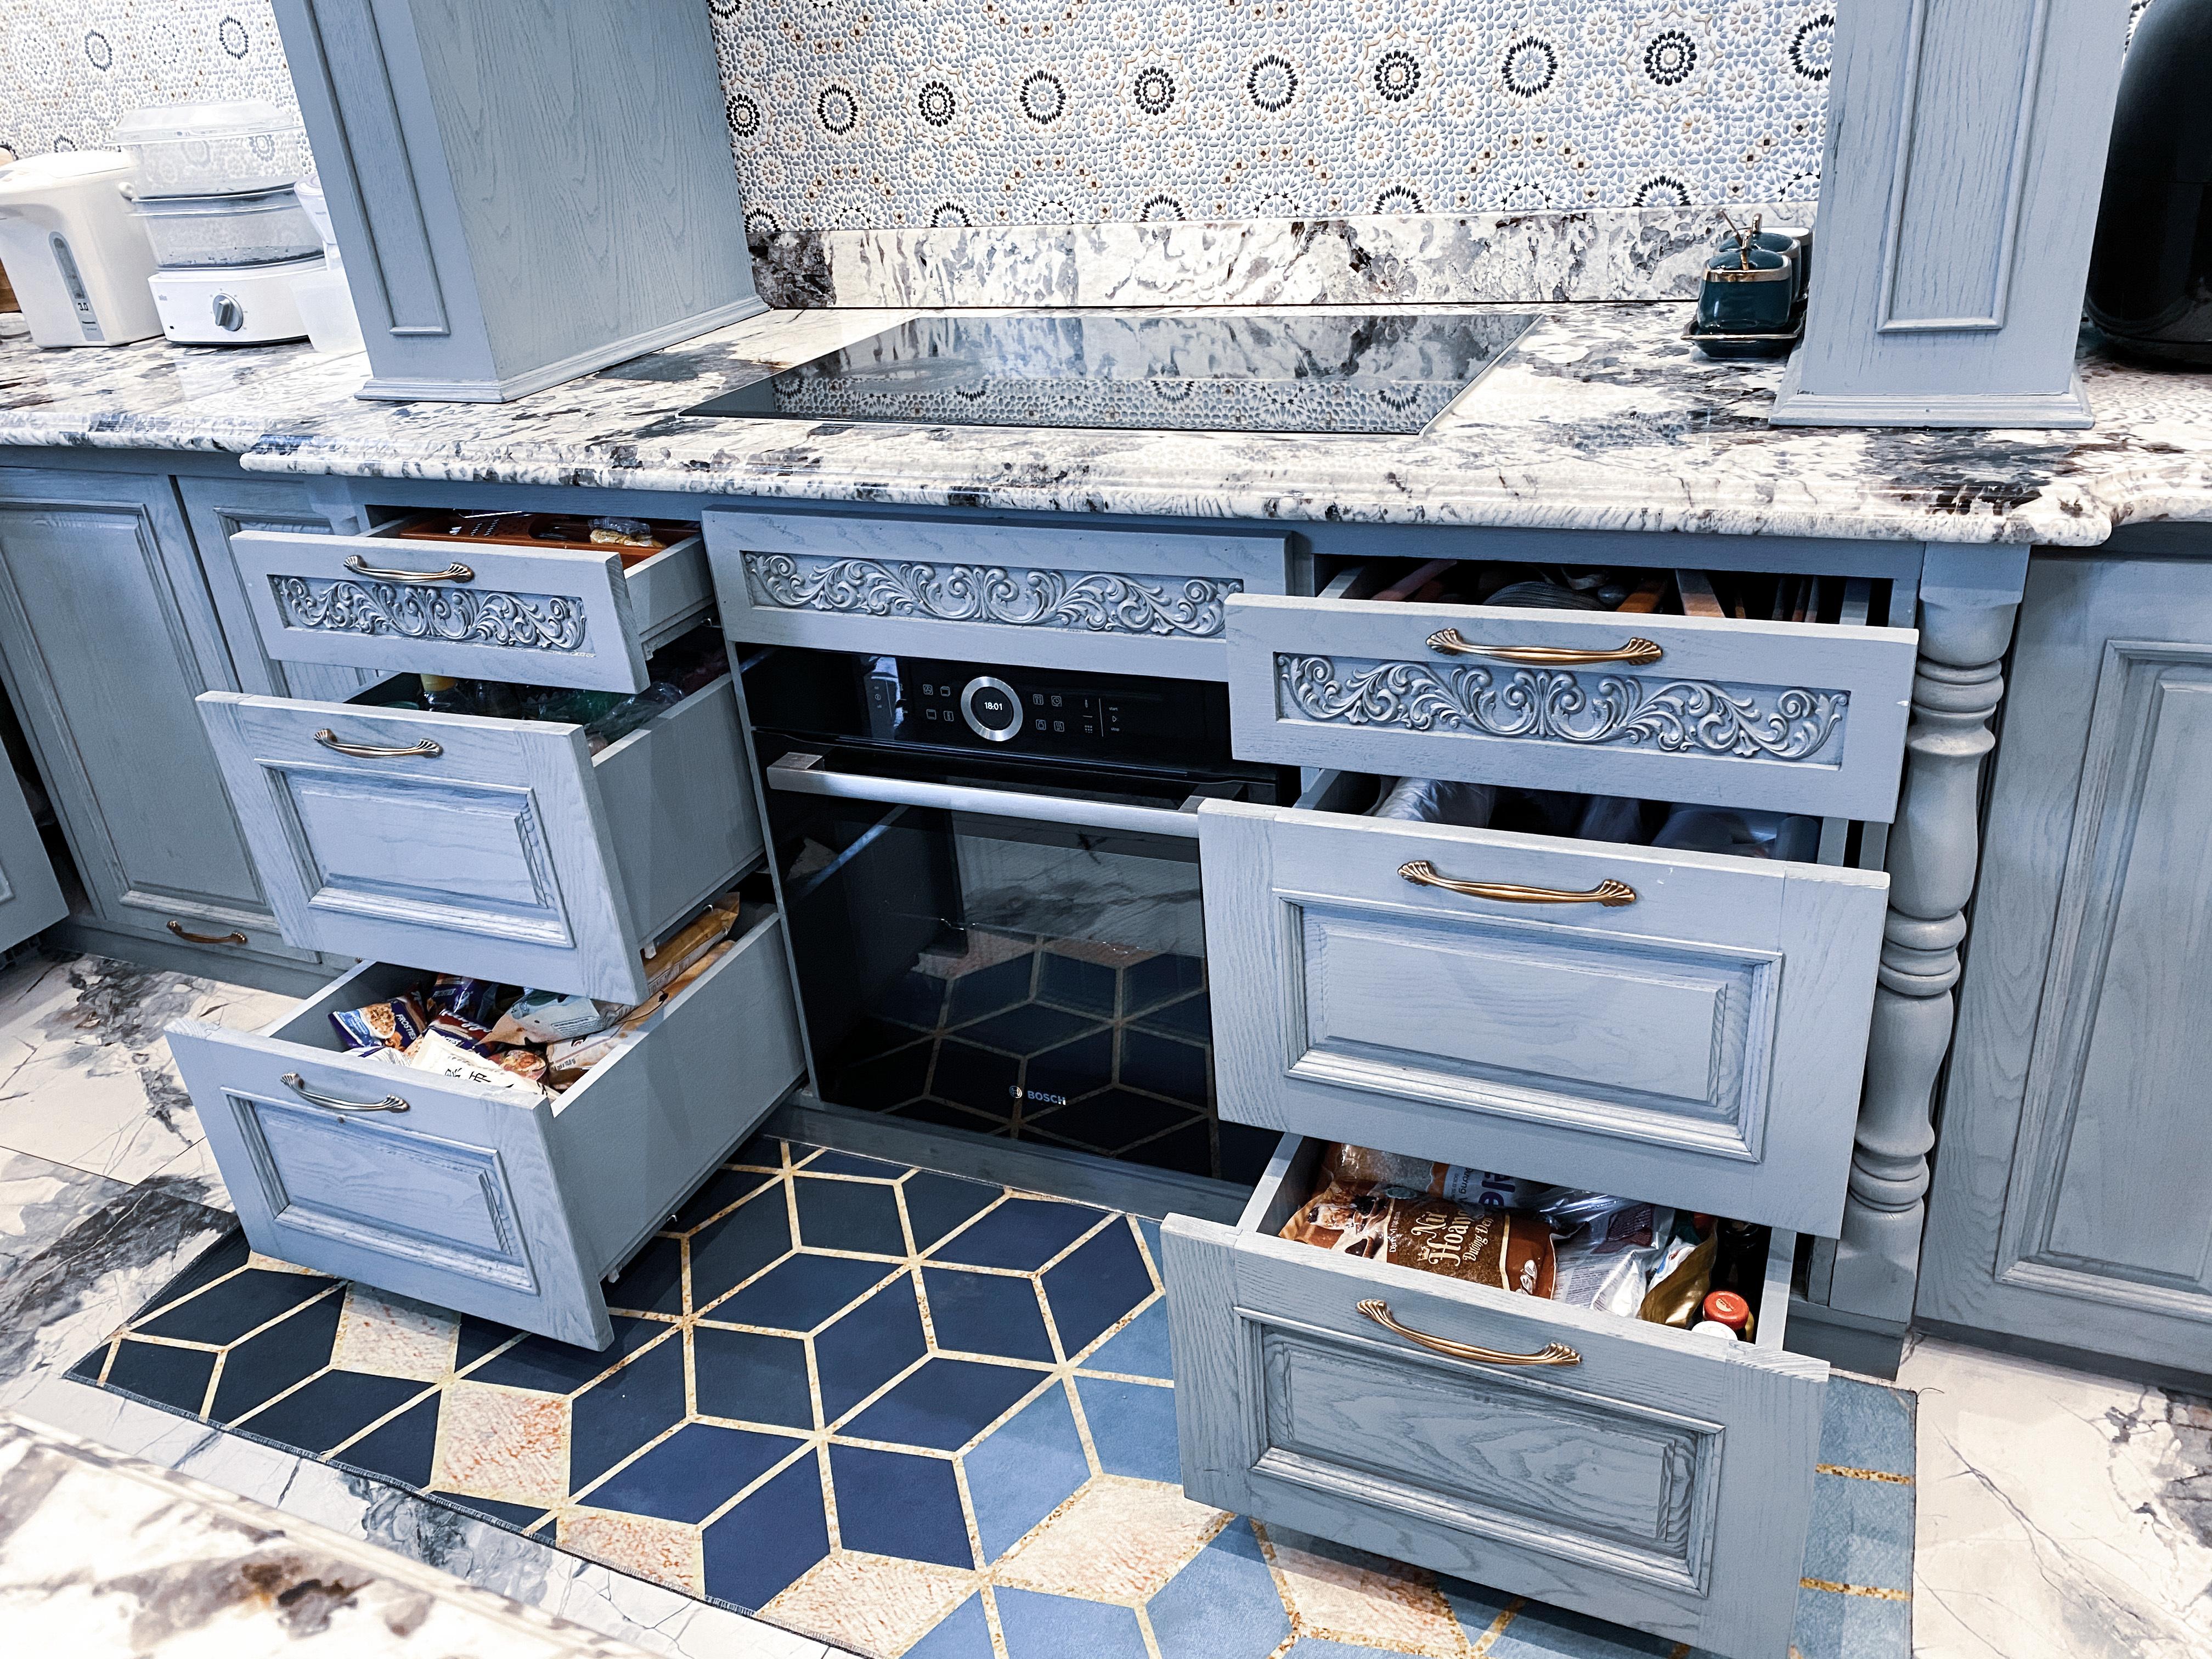 Hé lộ bếp sang chảnh trong biệt thự triệu đô vừa tậu của ca sĩ Đăng Khôi